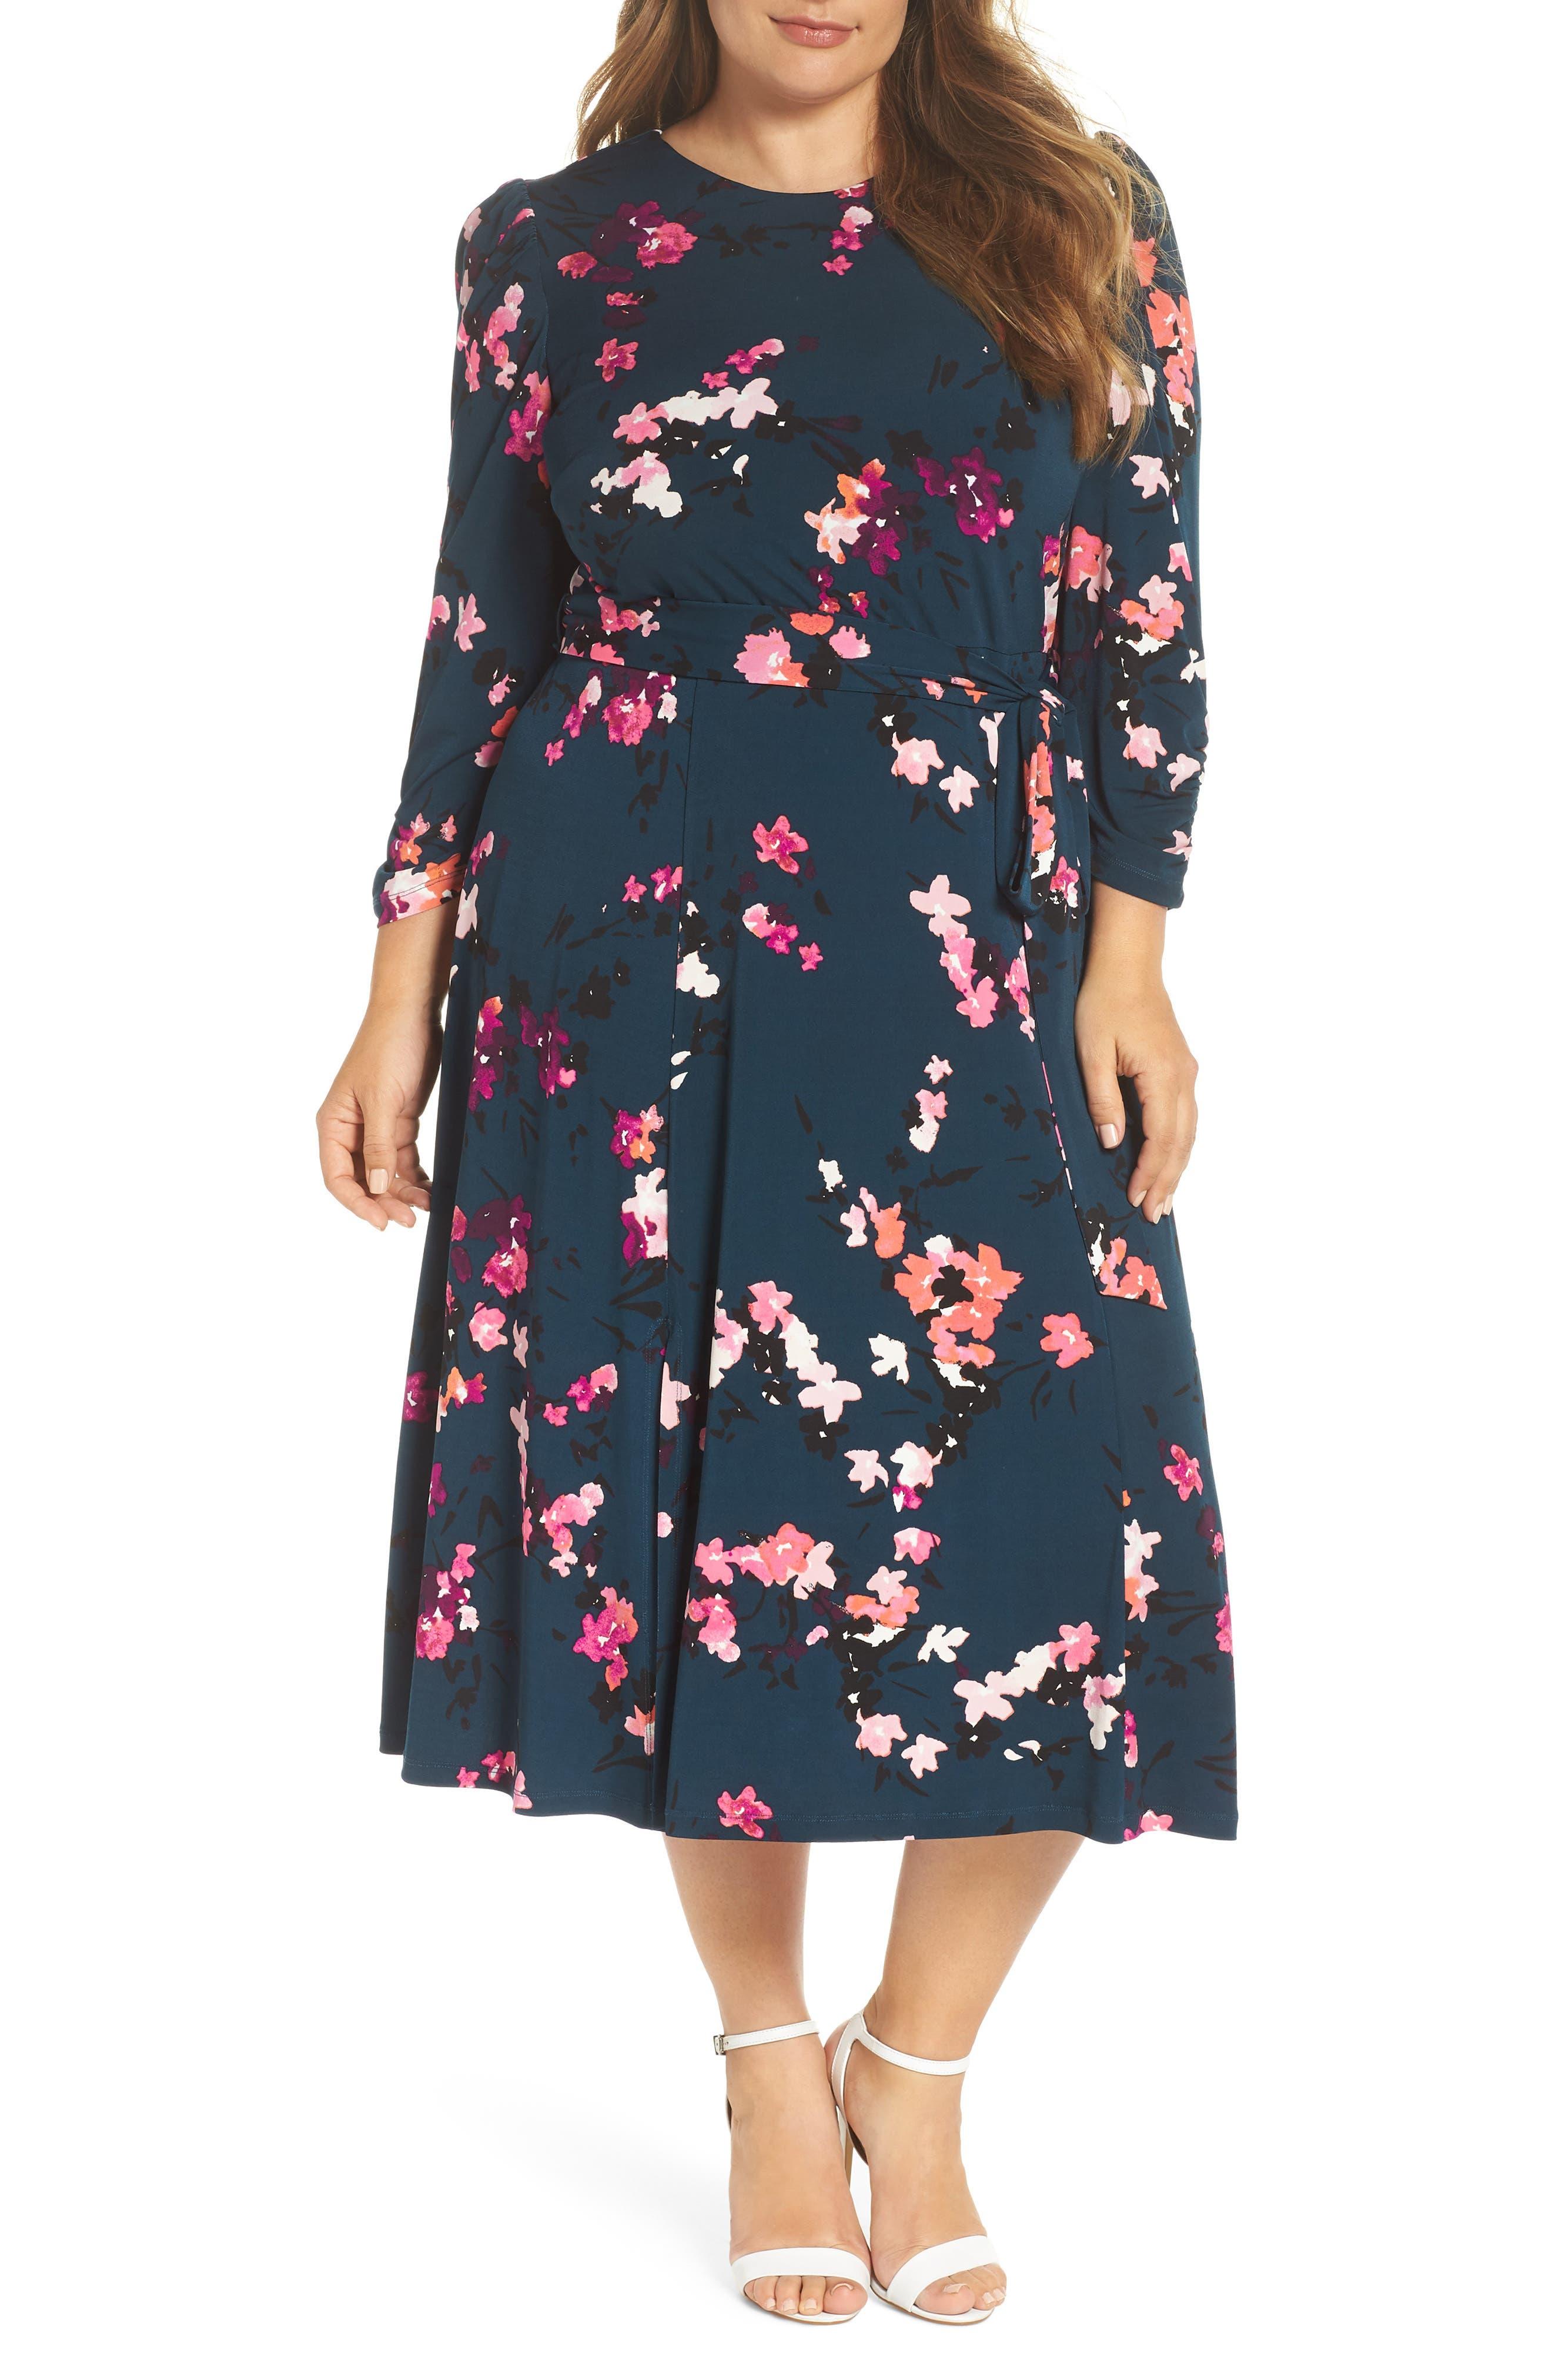 1930s Dresses | 30s Art Deco Dress Plus Size Womens Eliza J Floral Print Midi Dress $88.80 AT vintagedancer.com